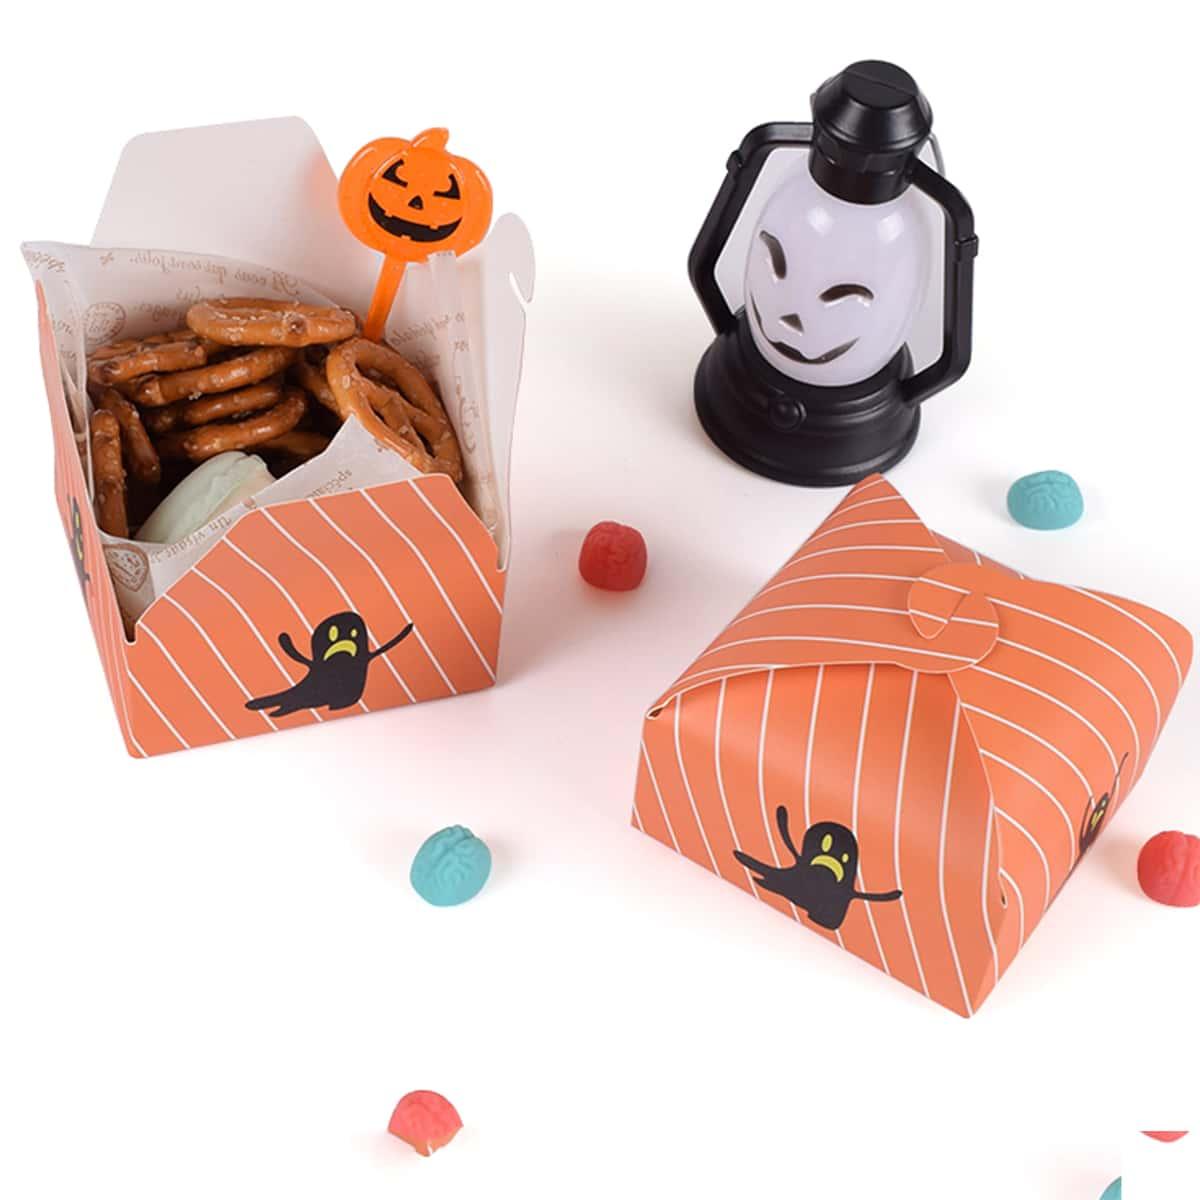 10шт Коробка для конфет на хэллоуин с принтом призрака